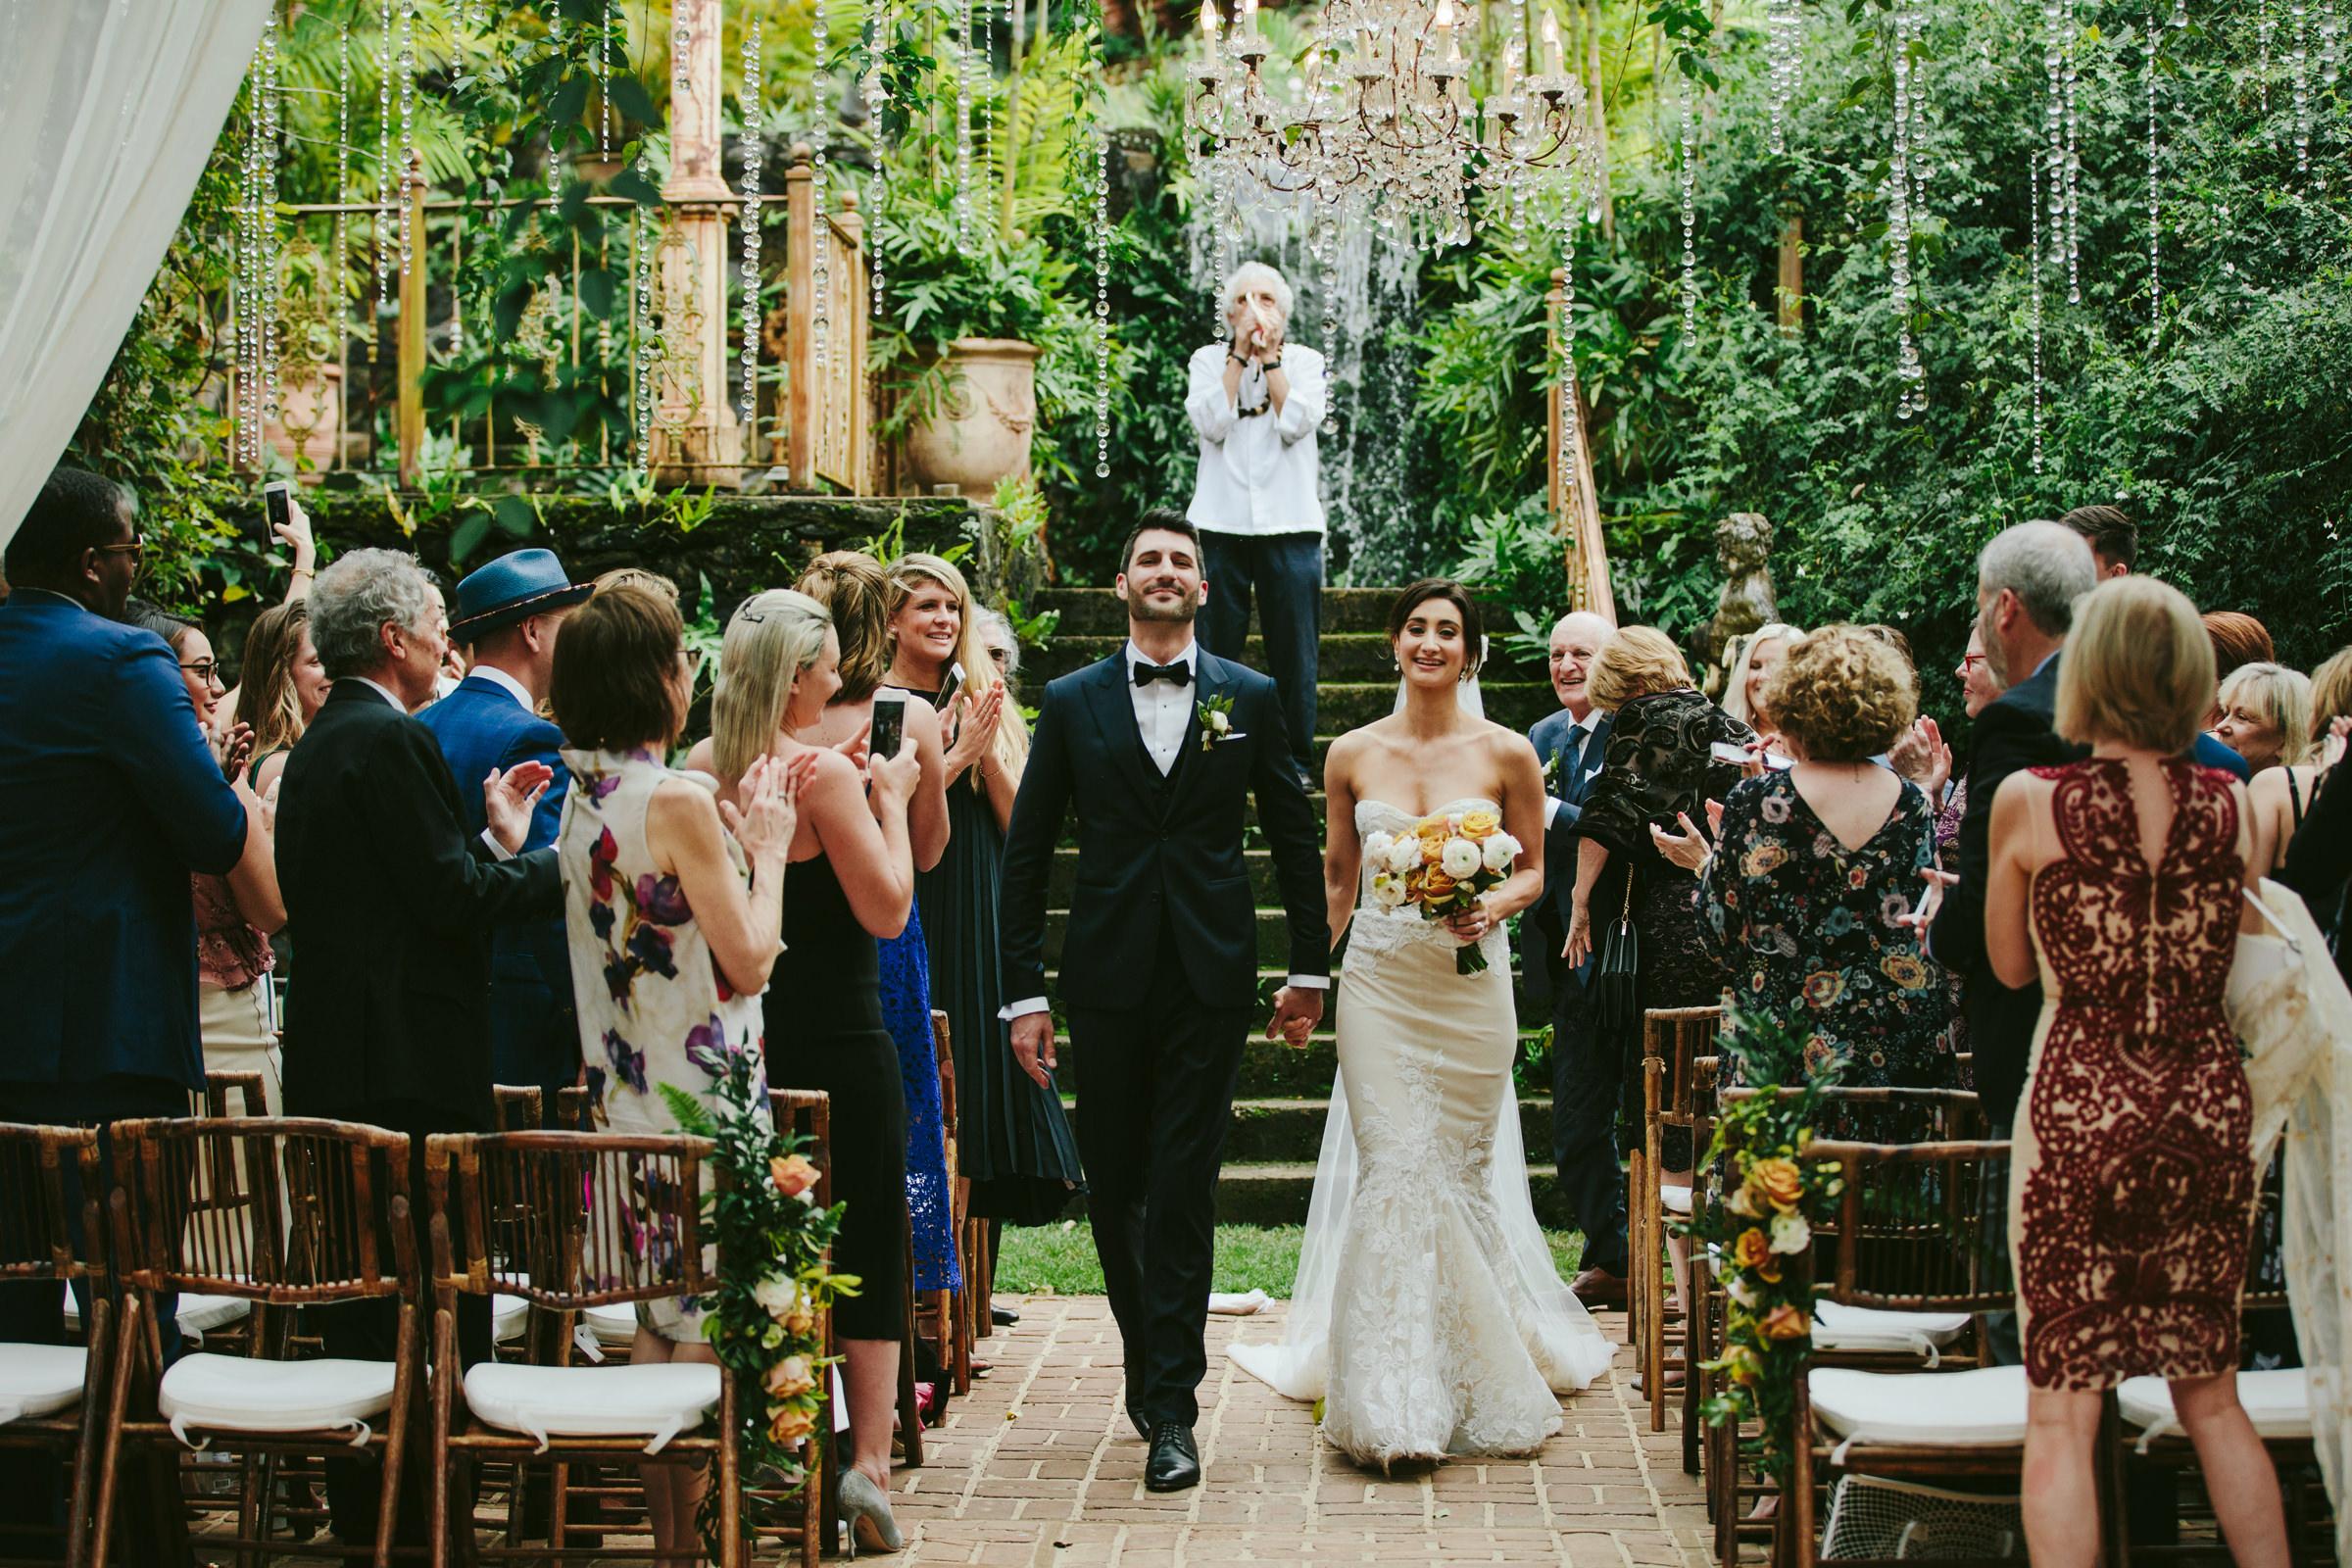 Haiku Mill wedding ceremony - photo by Melia Lucida